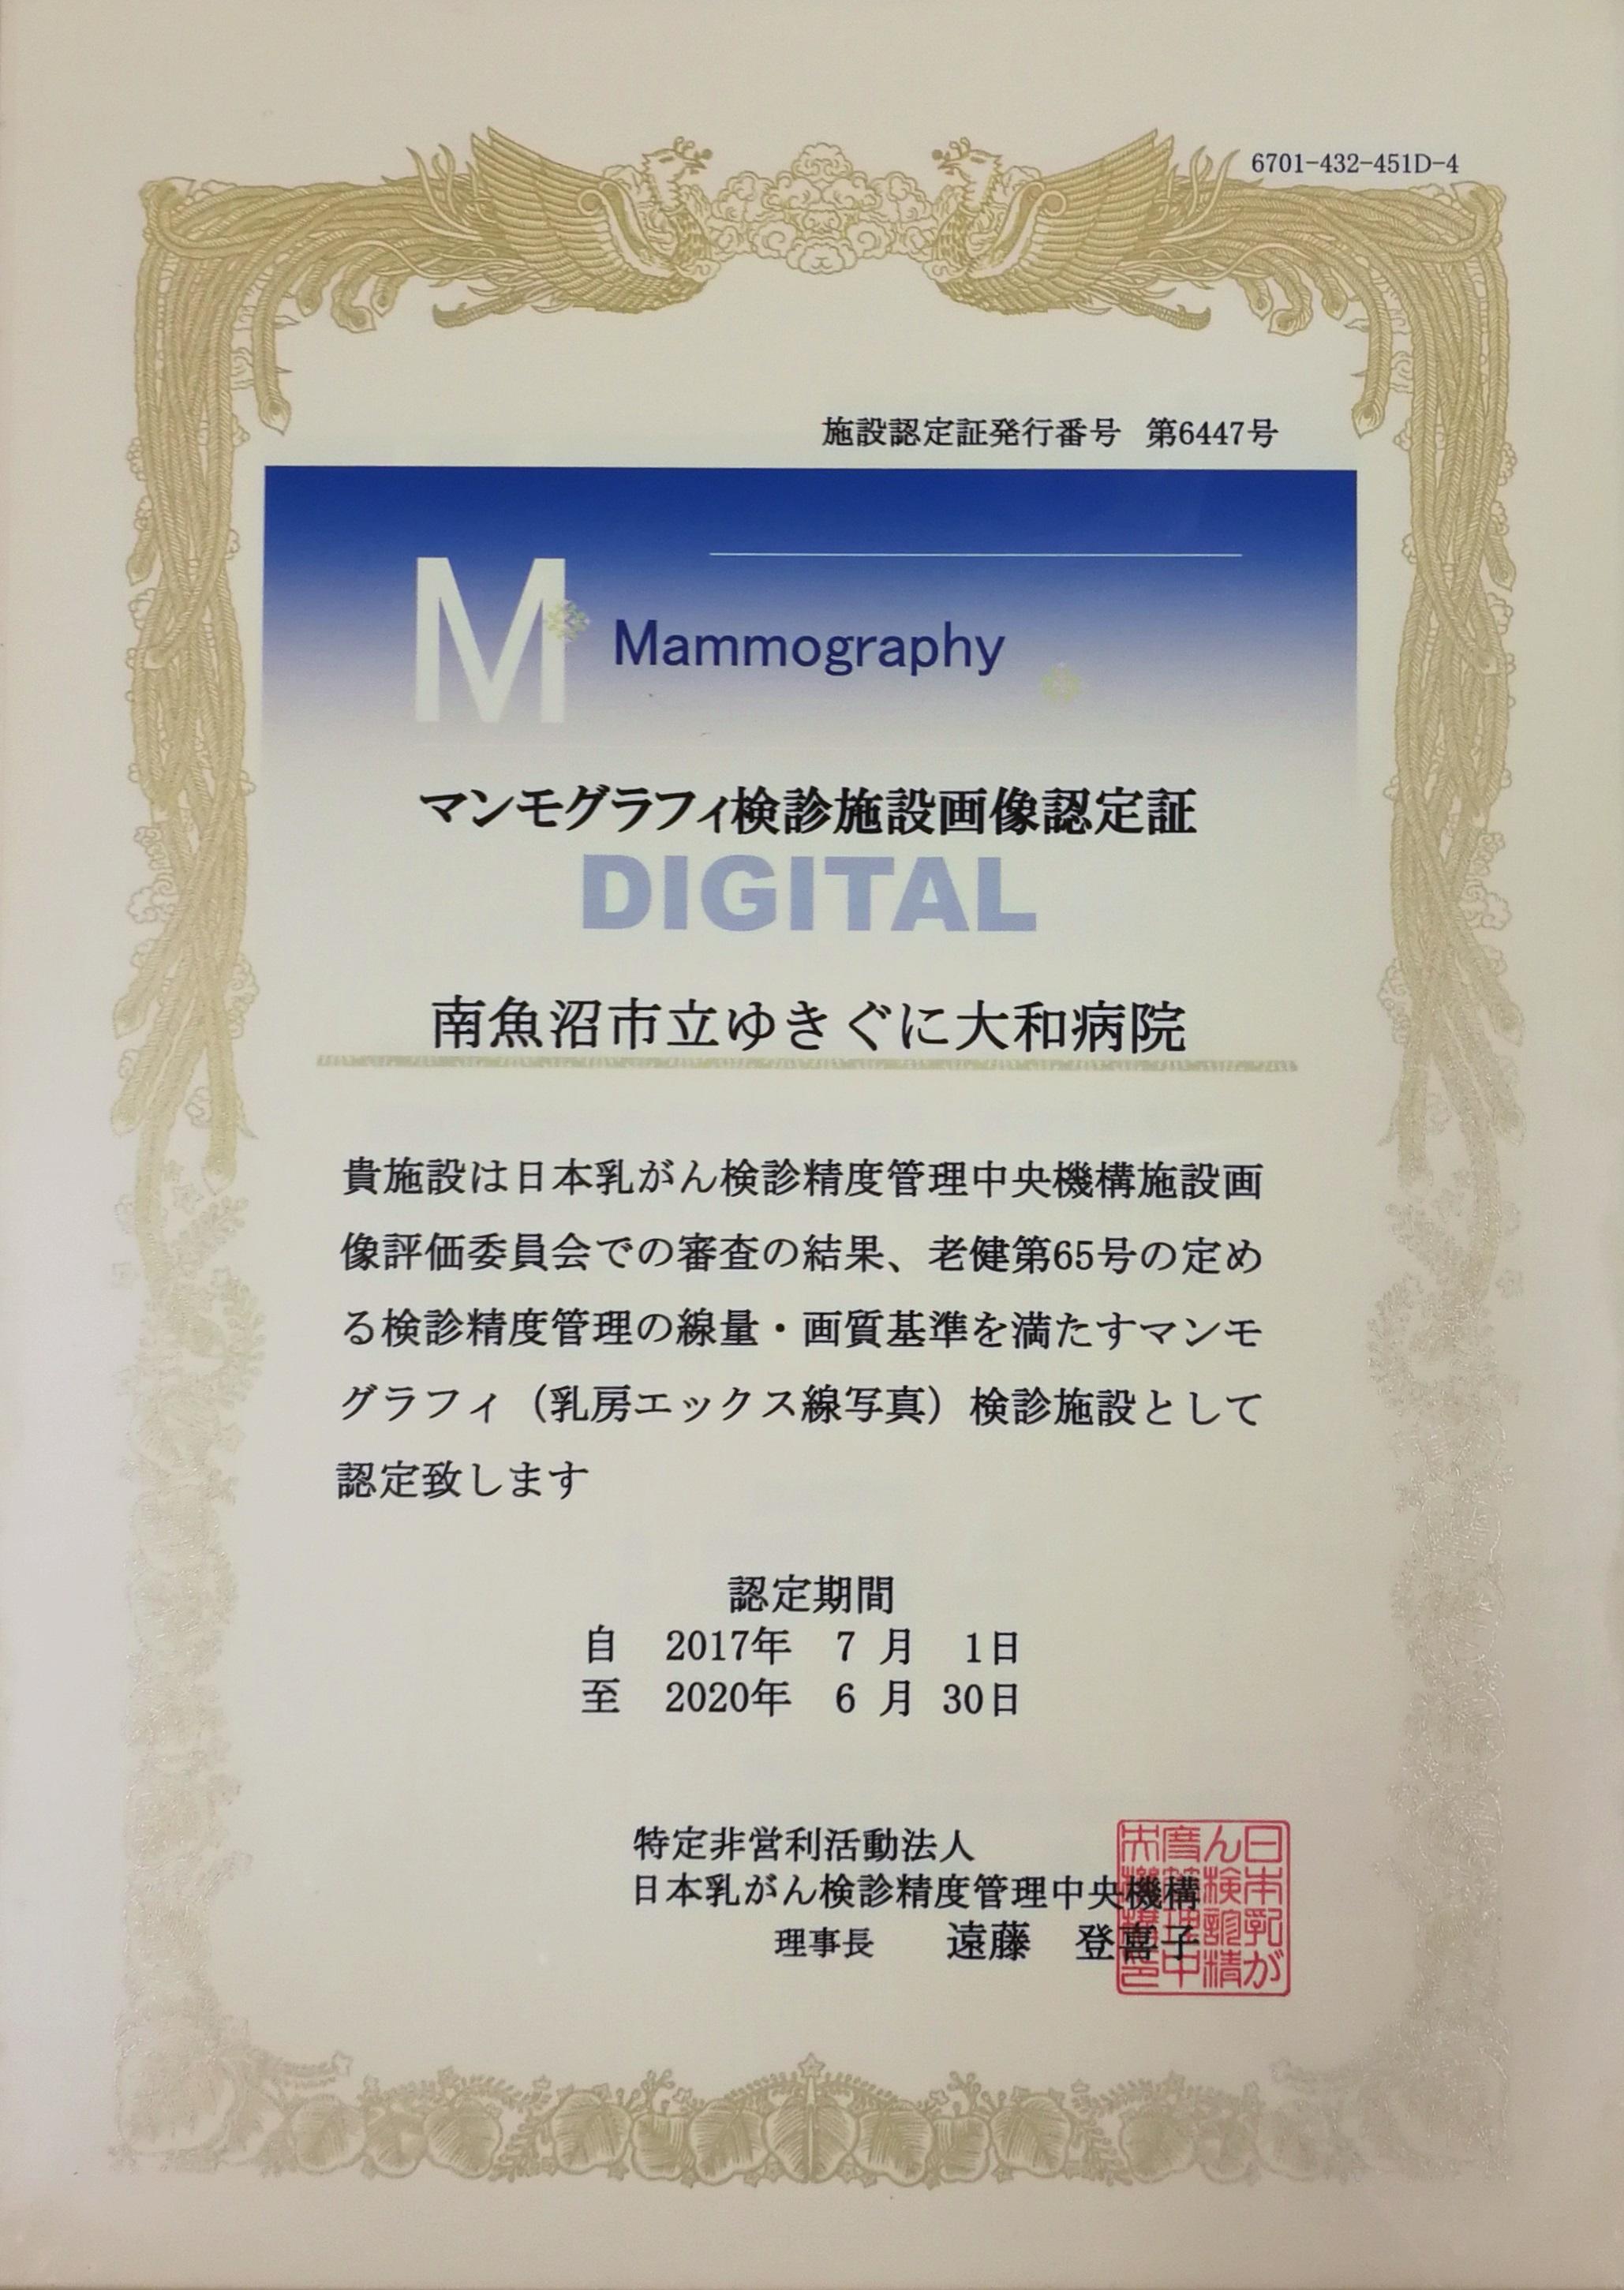 マンモグラフィ検診施設画像認定証